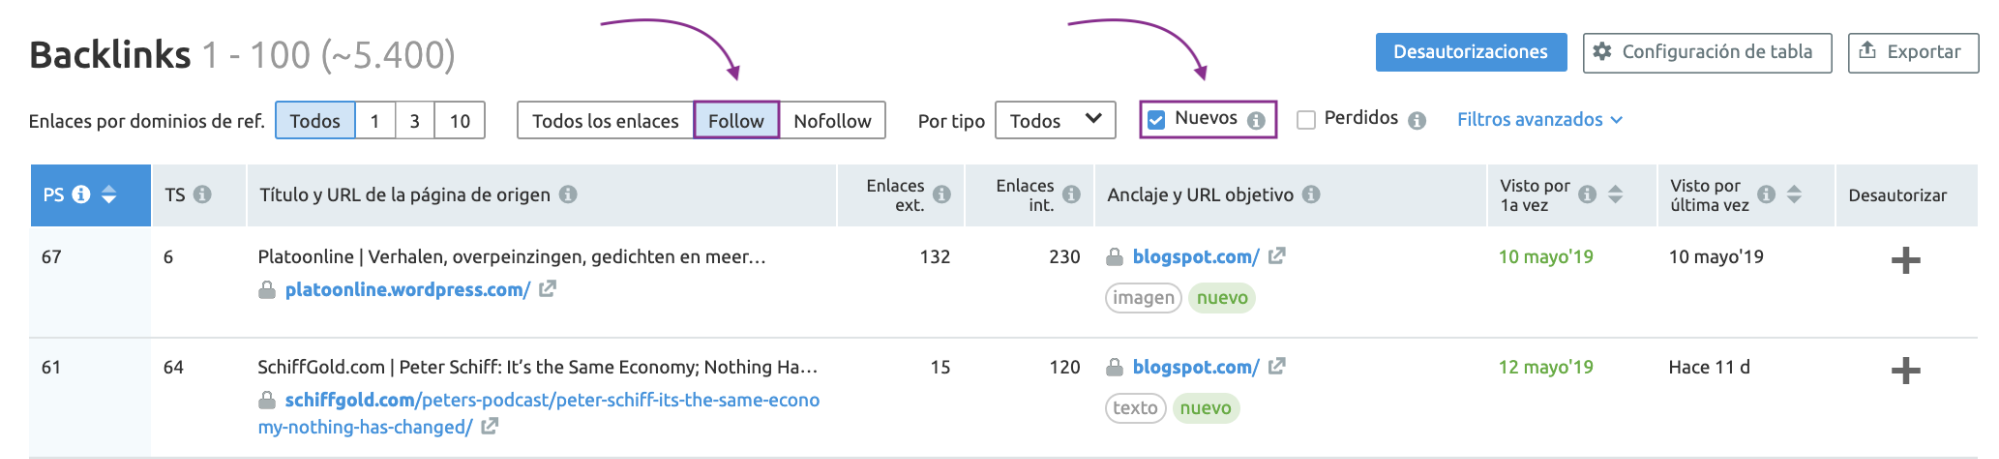 Nuevos backlinks